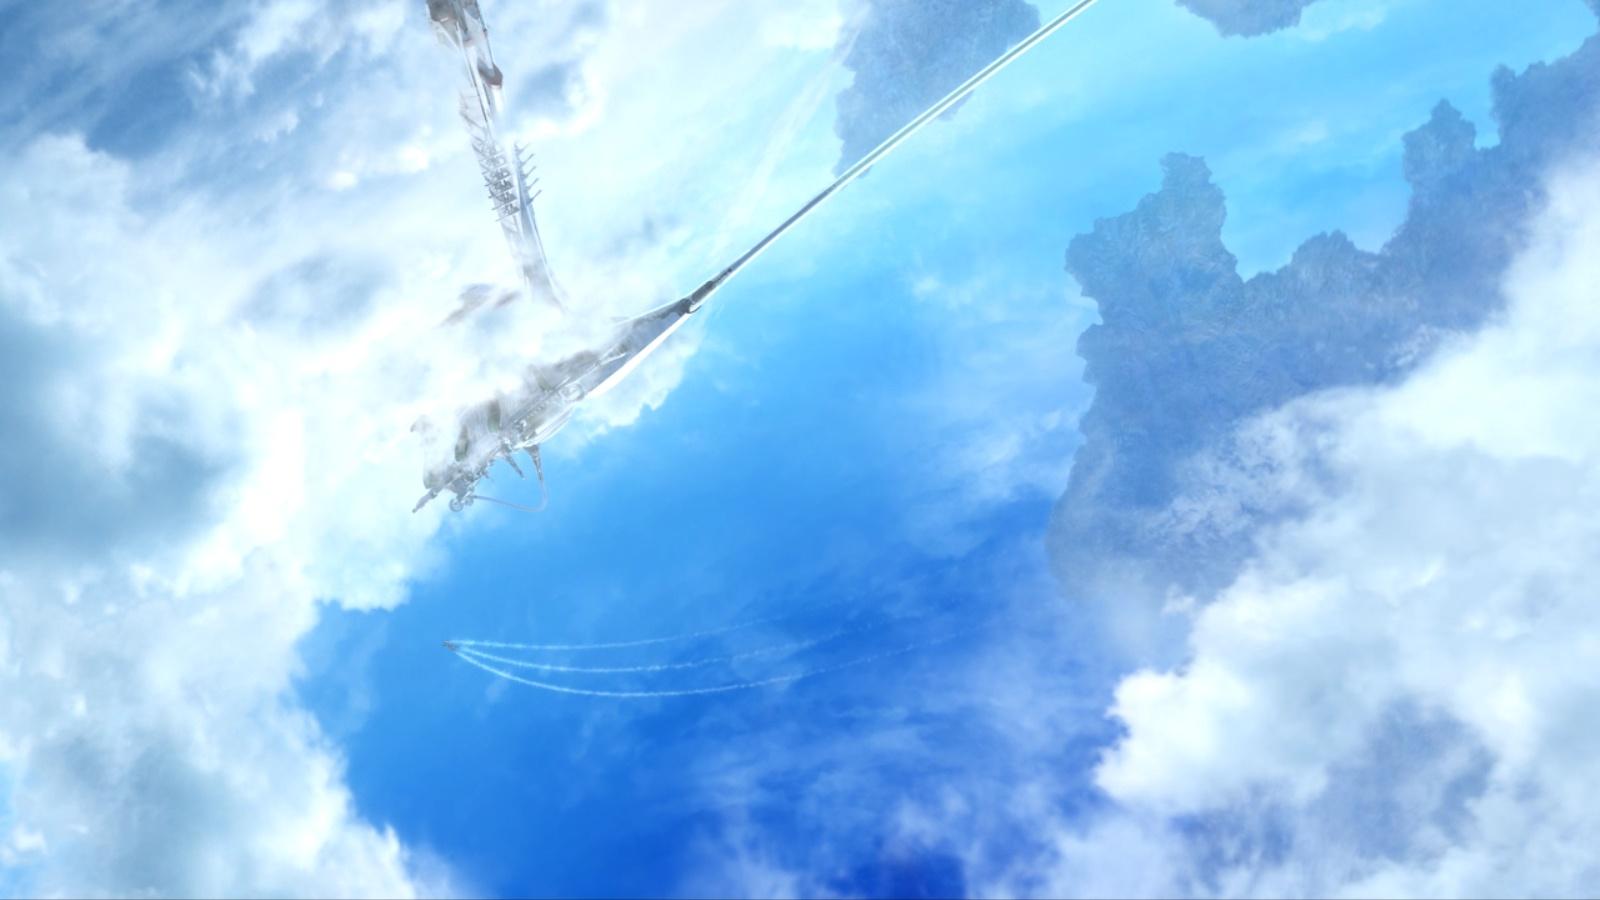 ffxiiiimg 09-01-2017 16-27-34-440.jpg - Final Fantasy 13